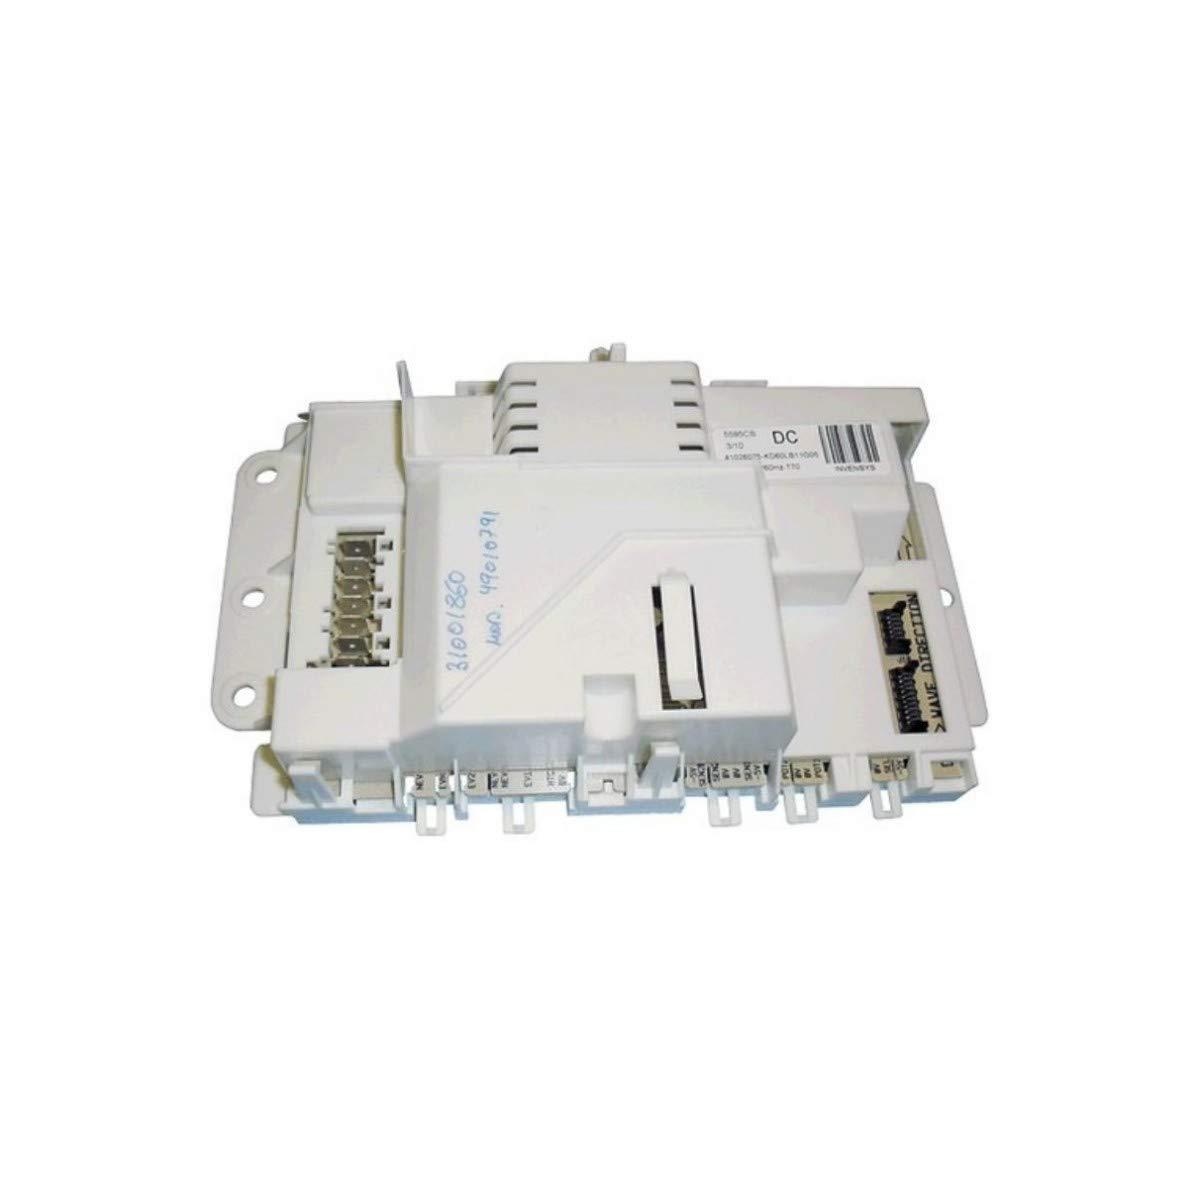 Modulo electronico Lavadora Otsein VHD9123D37 49010791: Amazon.es